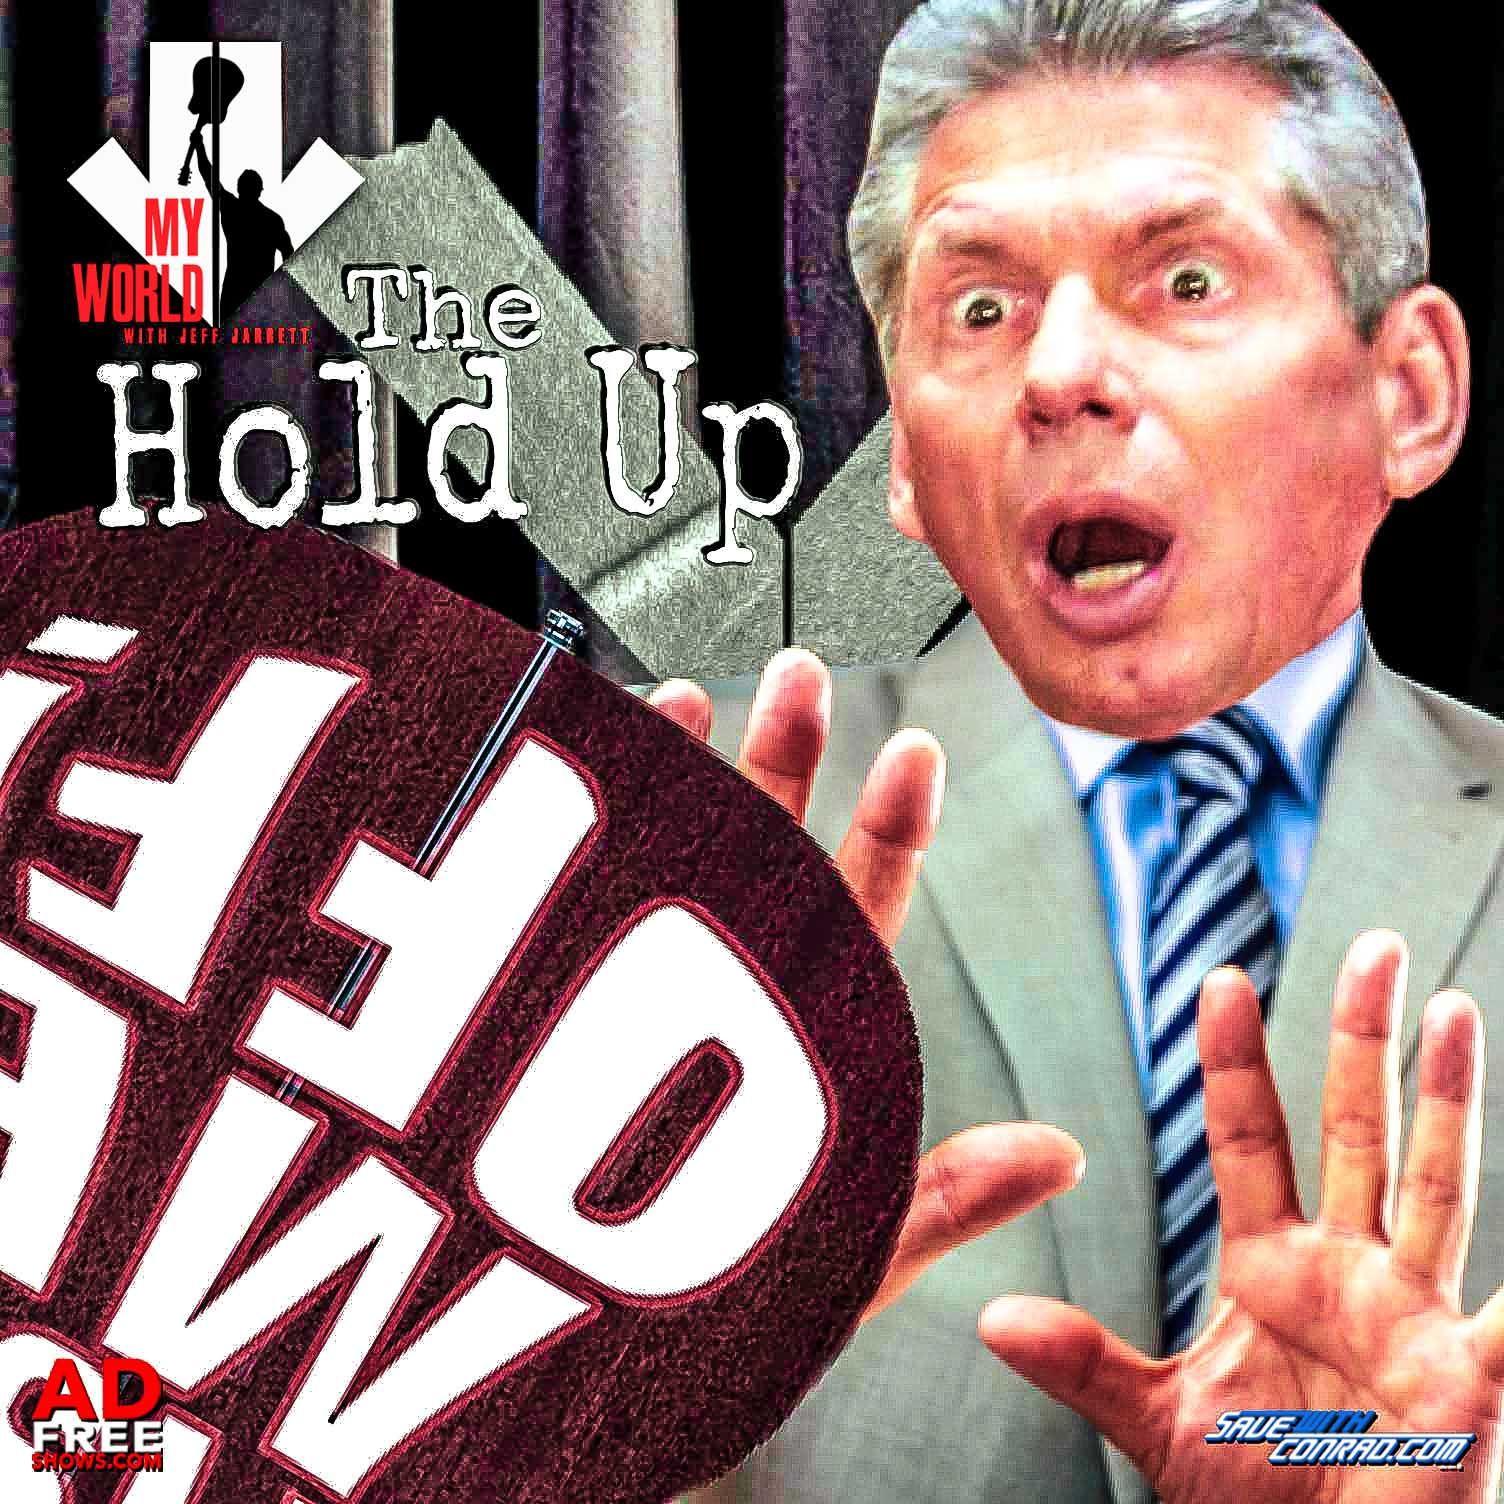 Episode 1: Holding Up Vince